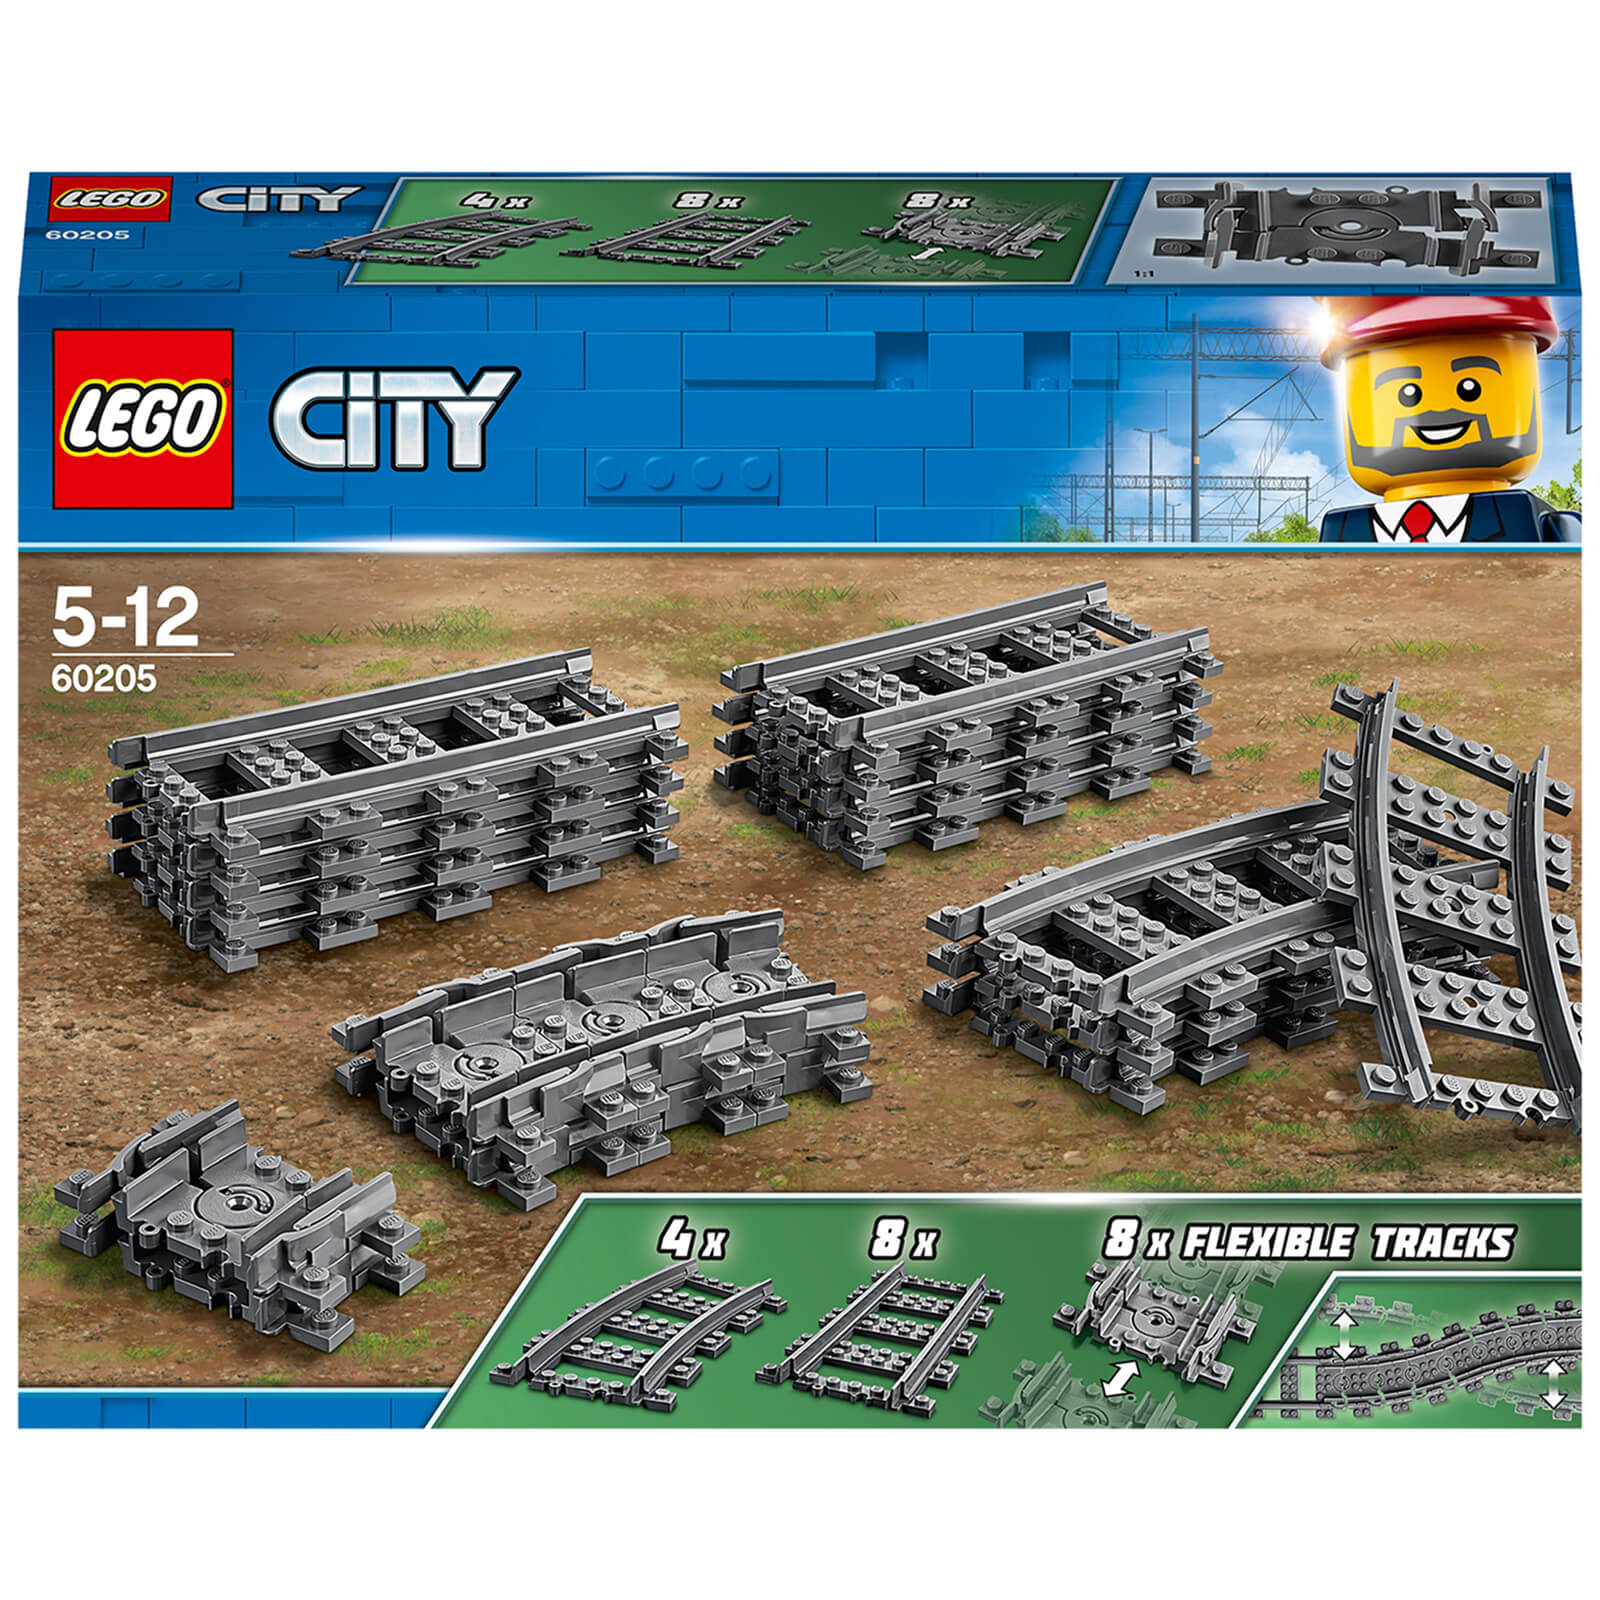 Image of LEGO City - Tracks